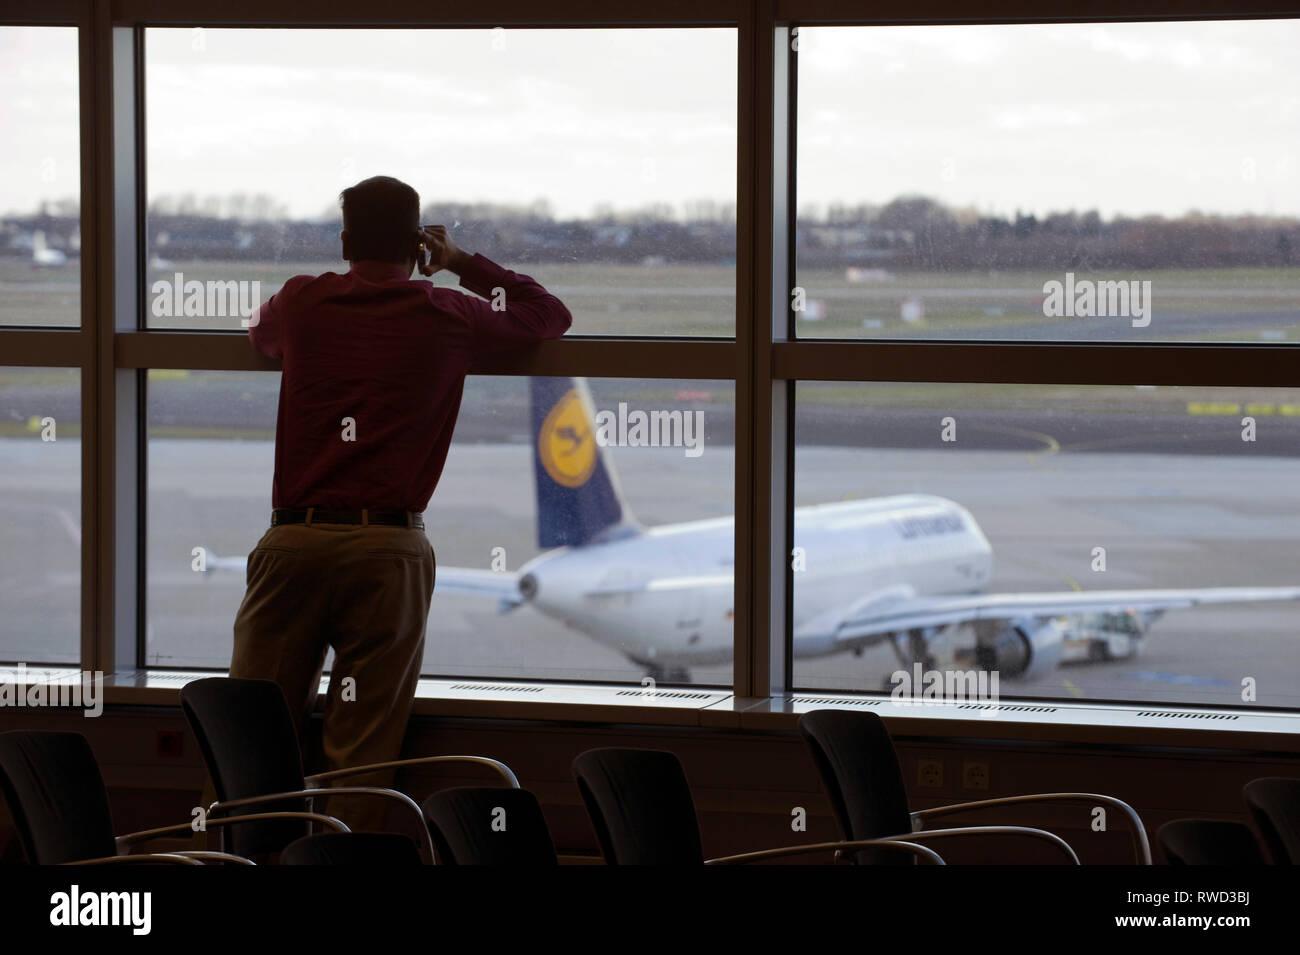 Ein Mann steht in einer Vortragspause am Fenster des Duesseldorfer Flughafen und schaut auf eine Lufthansa Maschine die auf dem Vorfeld parkt. [(c) Di - Stock Image